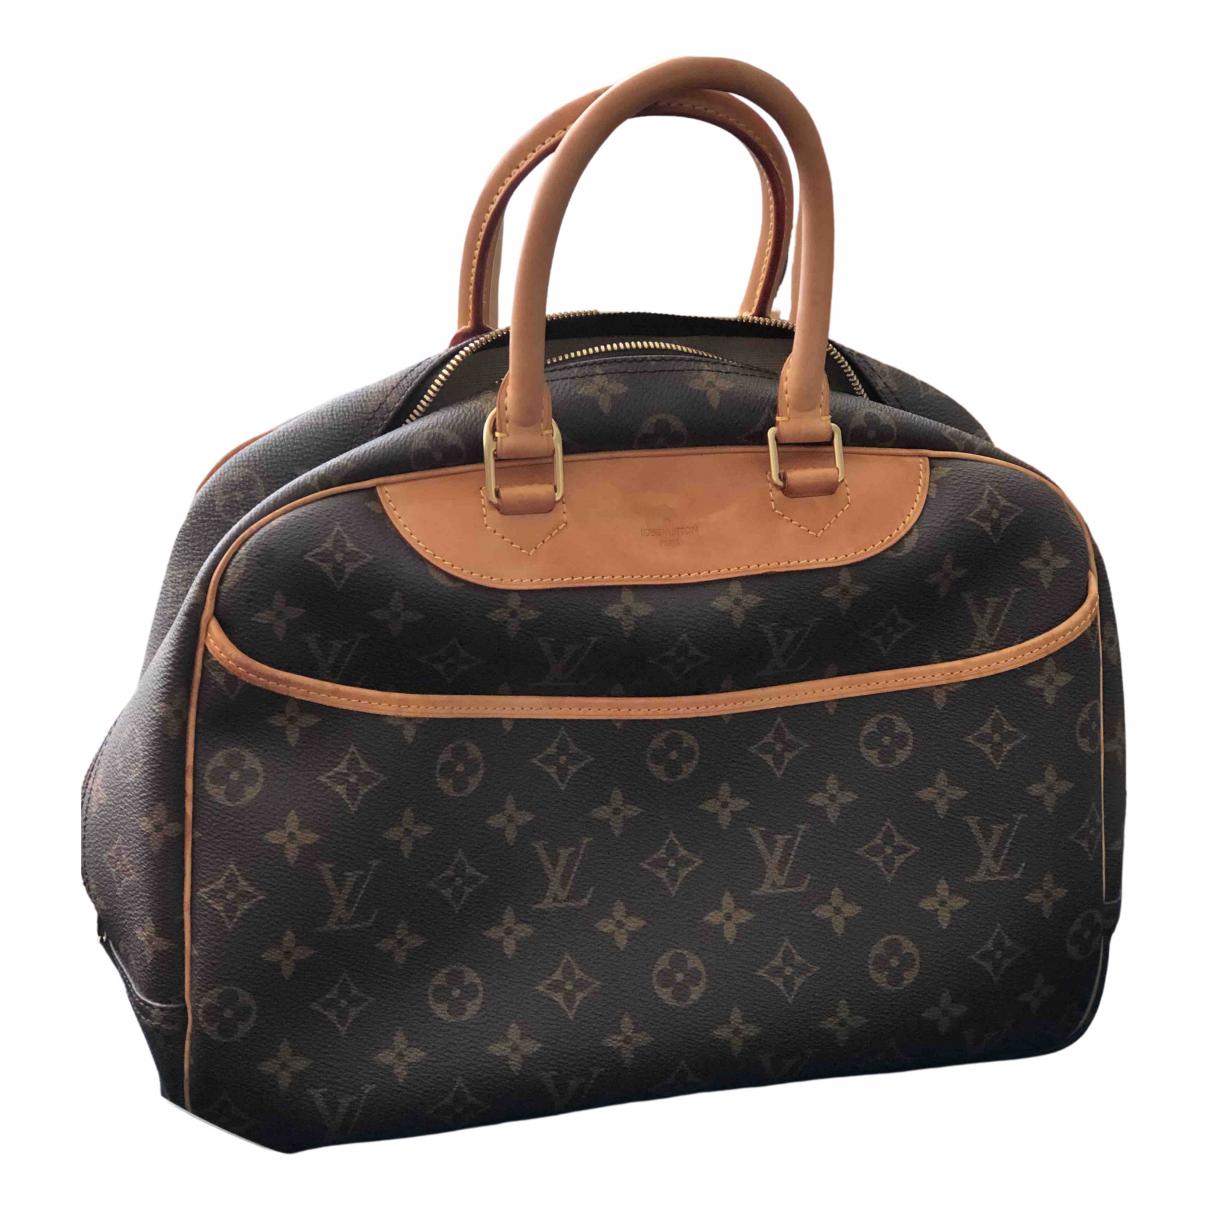 Louis Vuitton - Sac a main Deauville pour femme en toile - marron